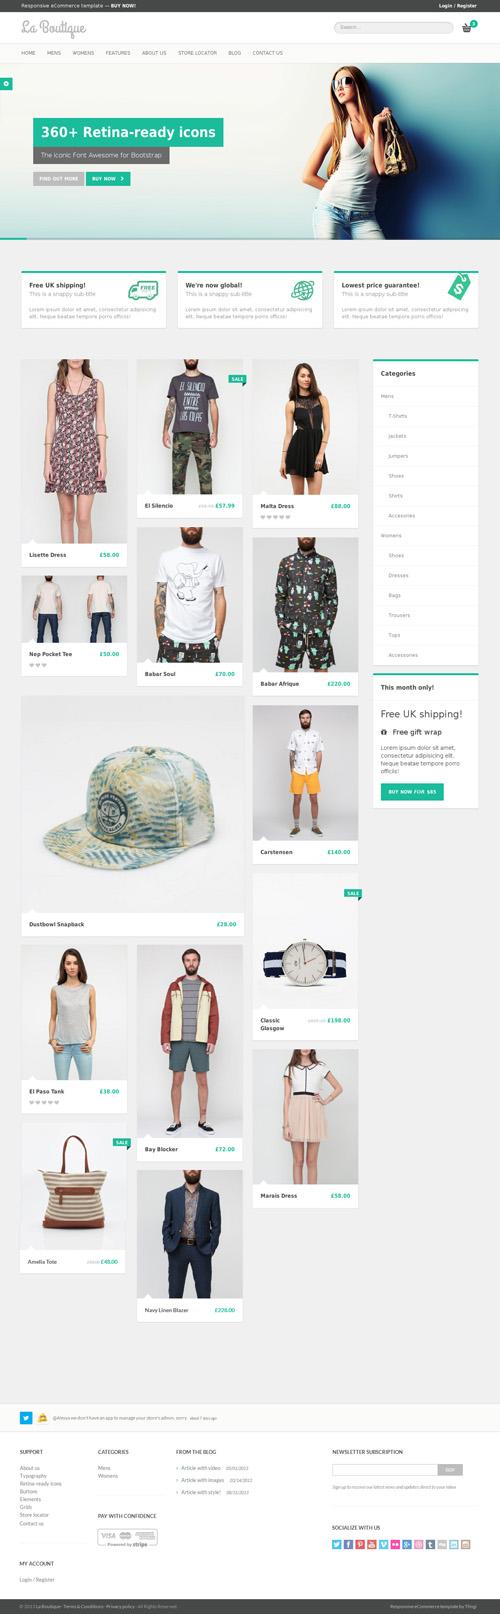 La Boutique - Responsive eCommerce Template